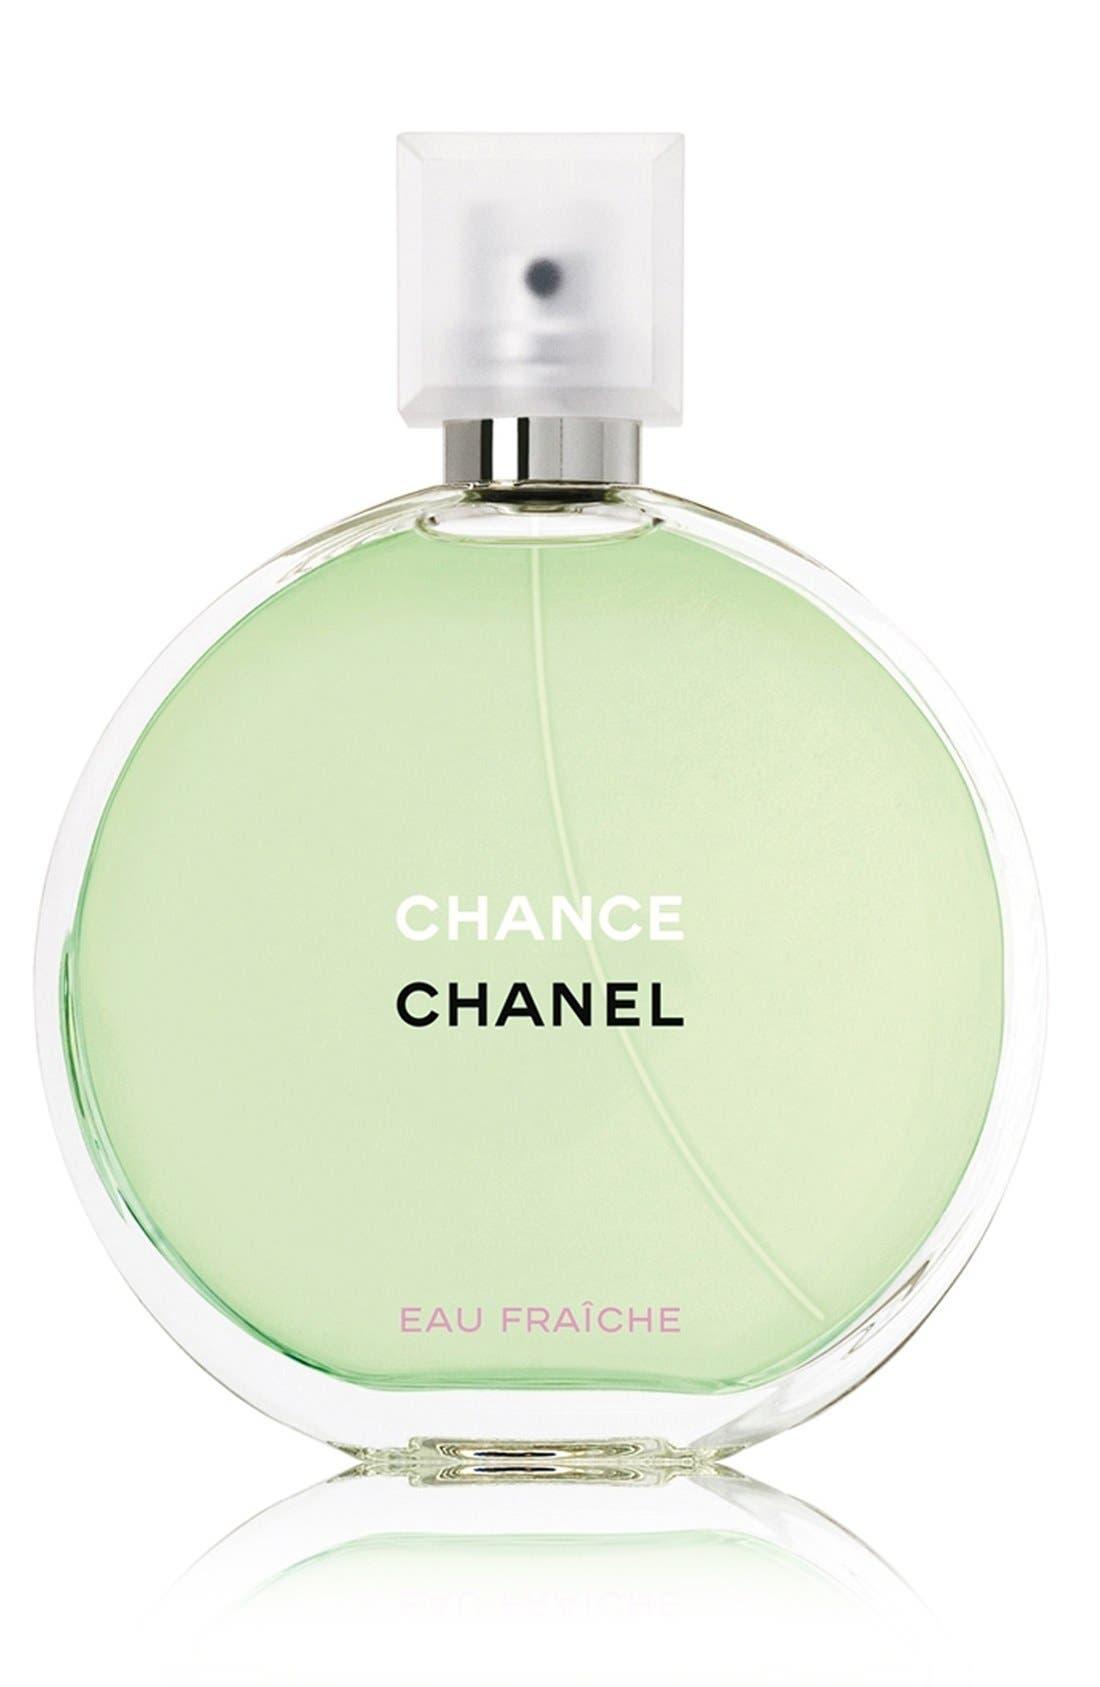 CHANEL CHANCE EAU FRAÎCHE<br />Eau de Toilette Spray, Main, color, NO COLOR